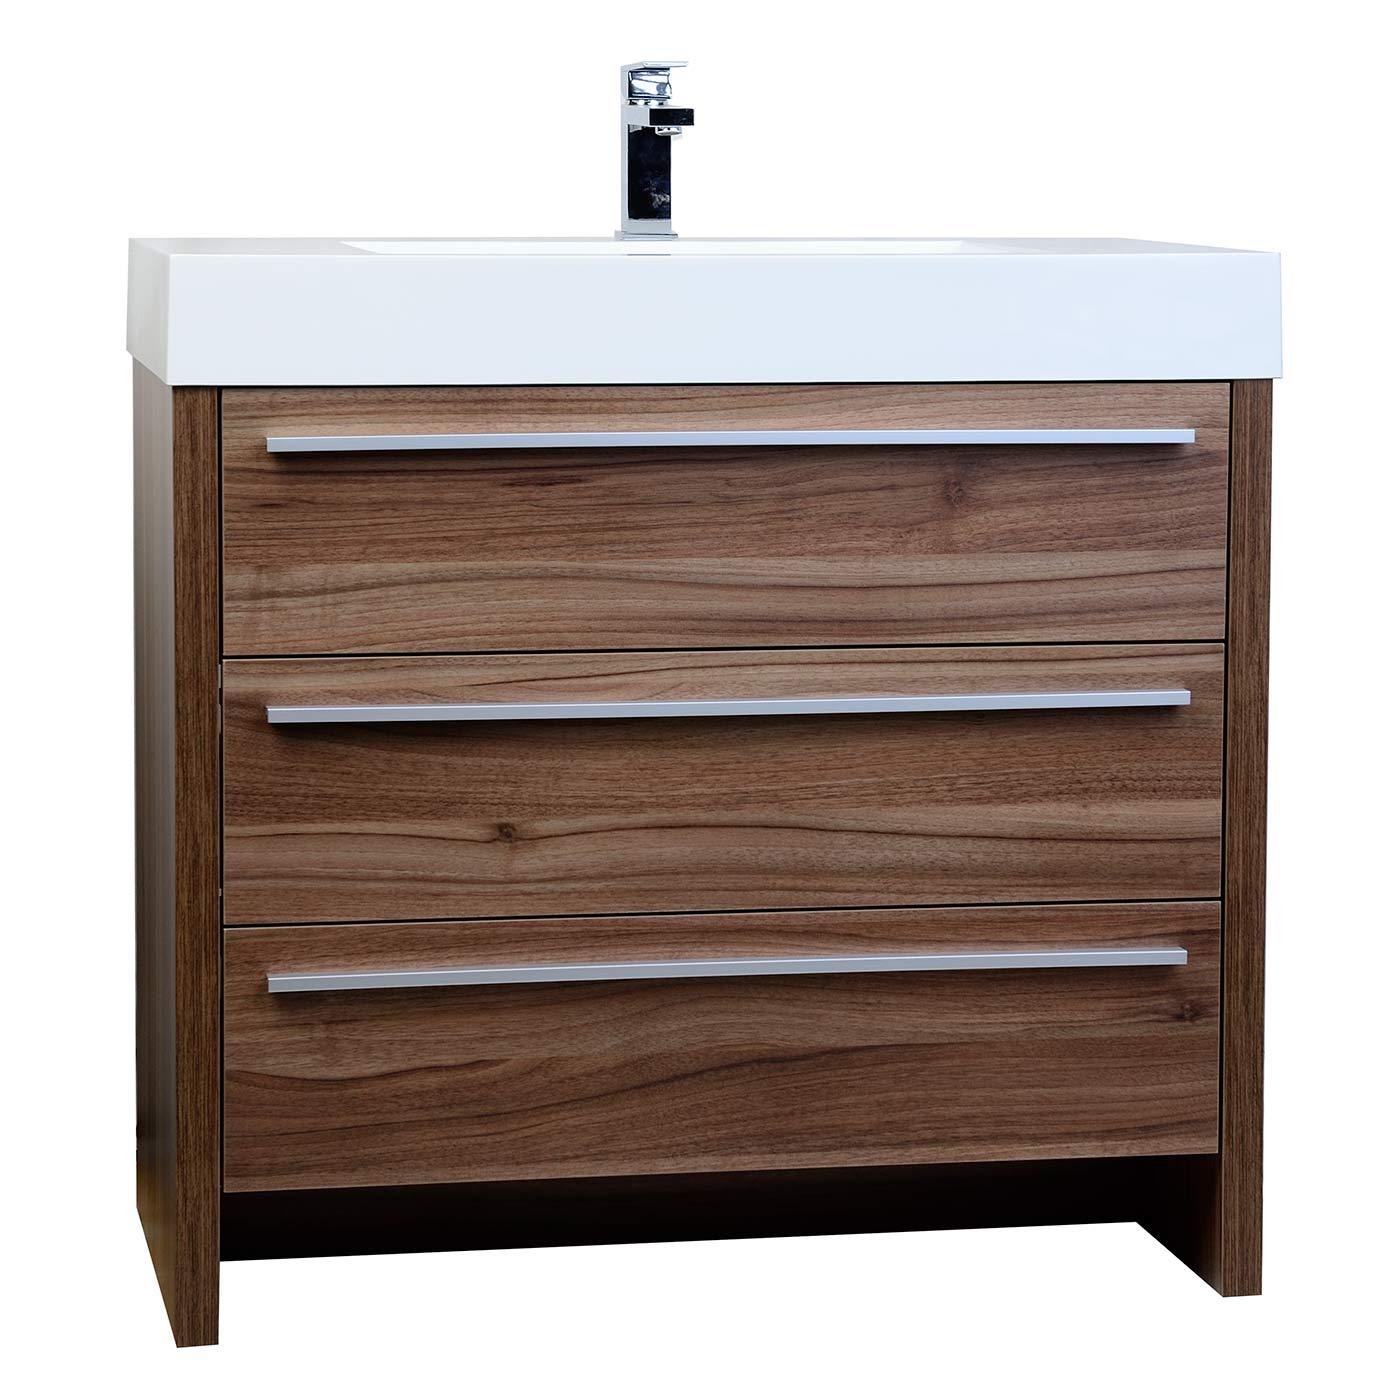 Buy Vinnce 35 5 Modern Bathroom Vanity In Walnut Tn Lx900 Wn On Conceptbaths Com